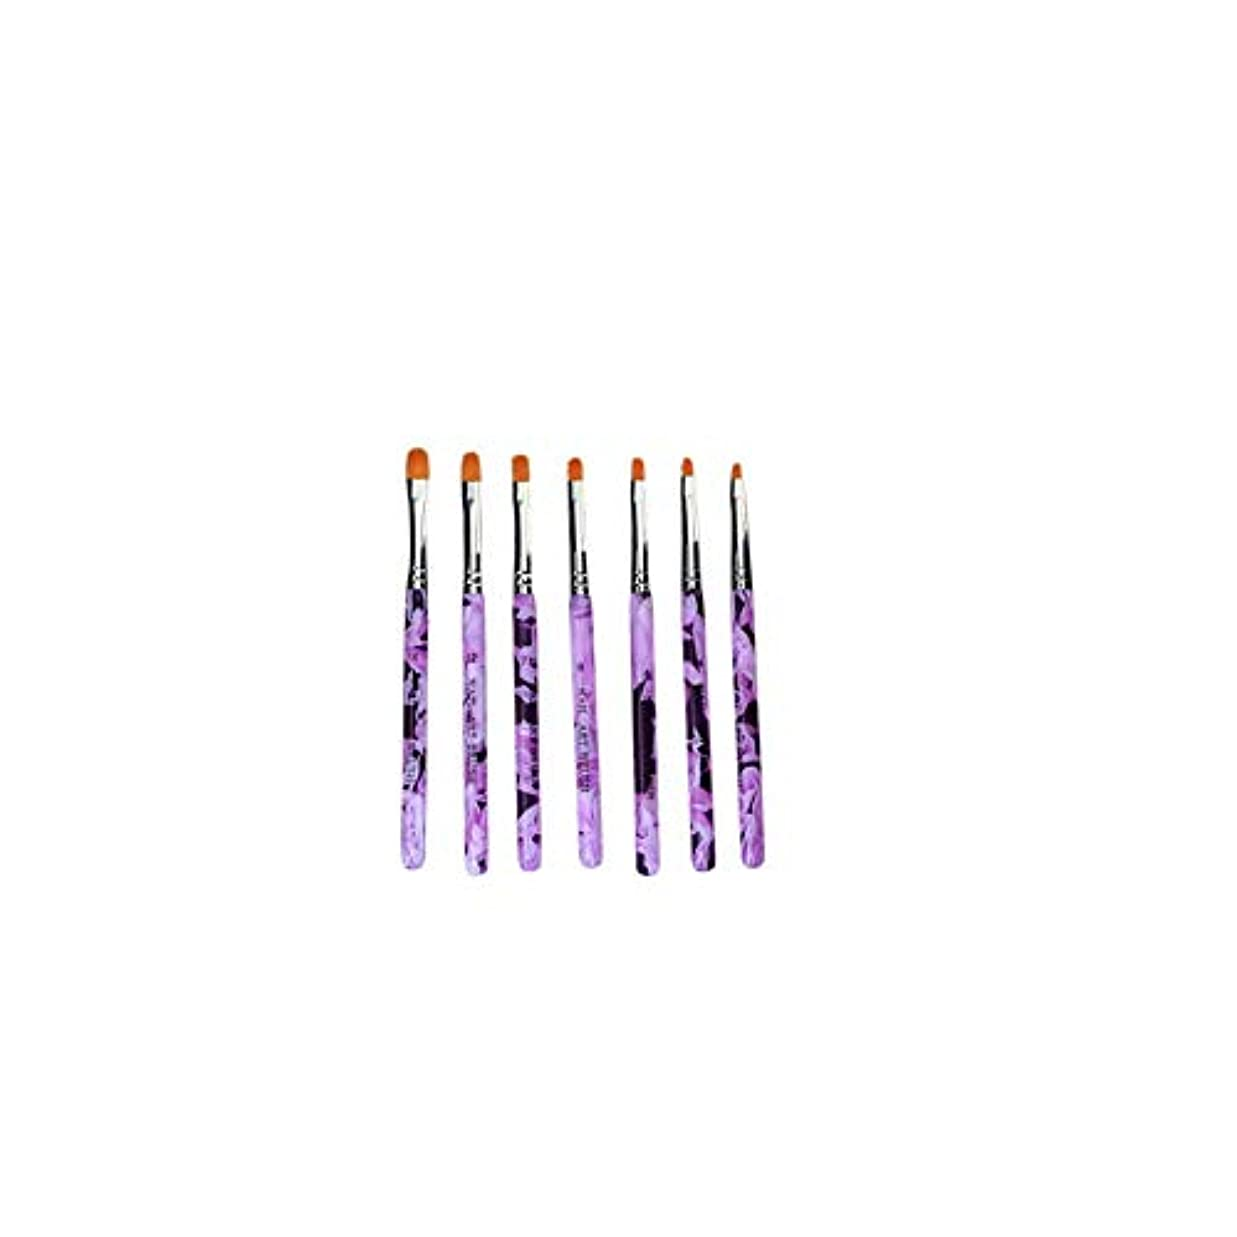 通知するライオンハムSnner オイル塗料のSetrushesを構築するために7XネイルグルーペンB7PCS UVアクリルネイルブラシネイルチップにアクリルネイルアートブラシビルドカラーUV接着剤、塗料のデザインのヒントを設定します